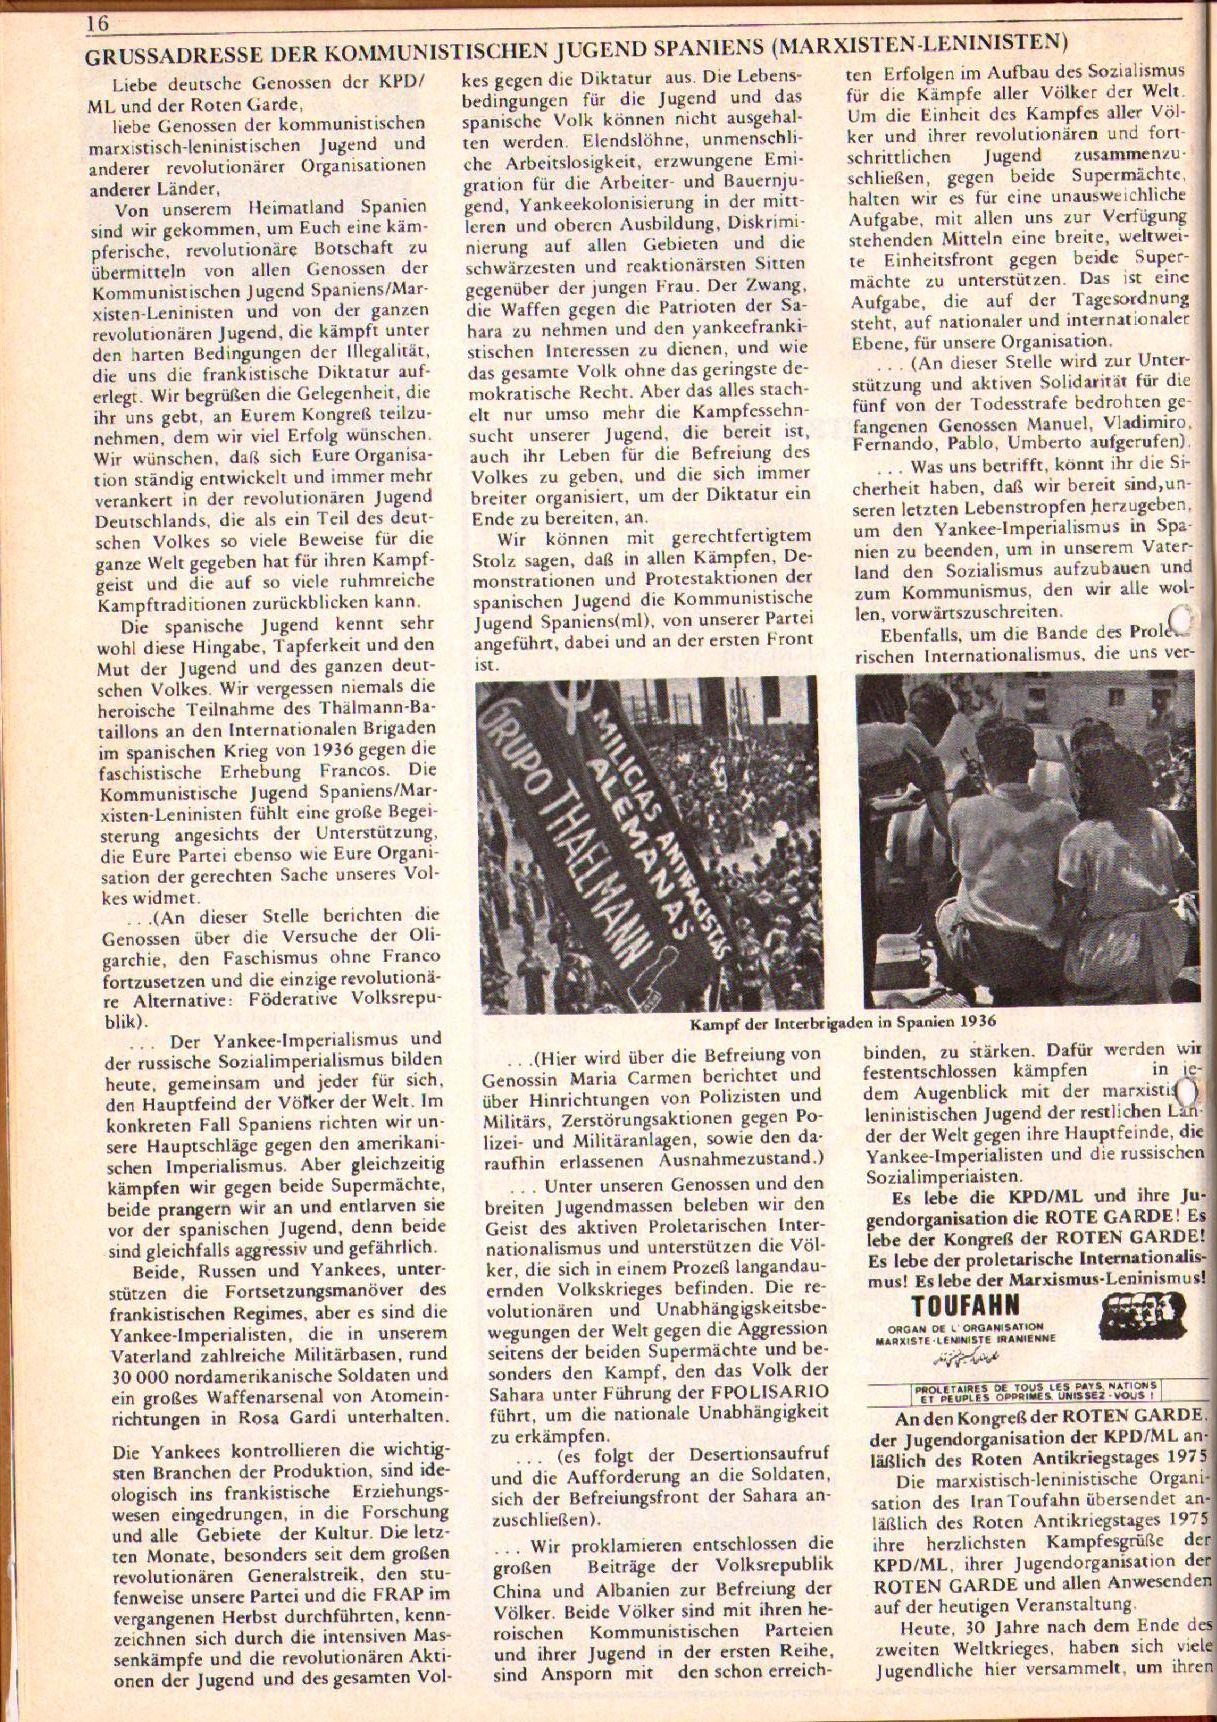 RGZ_1975_06_Sondernummer_16